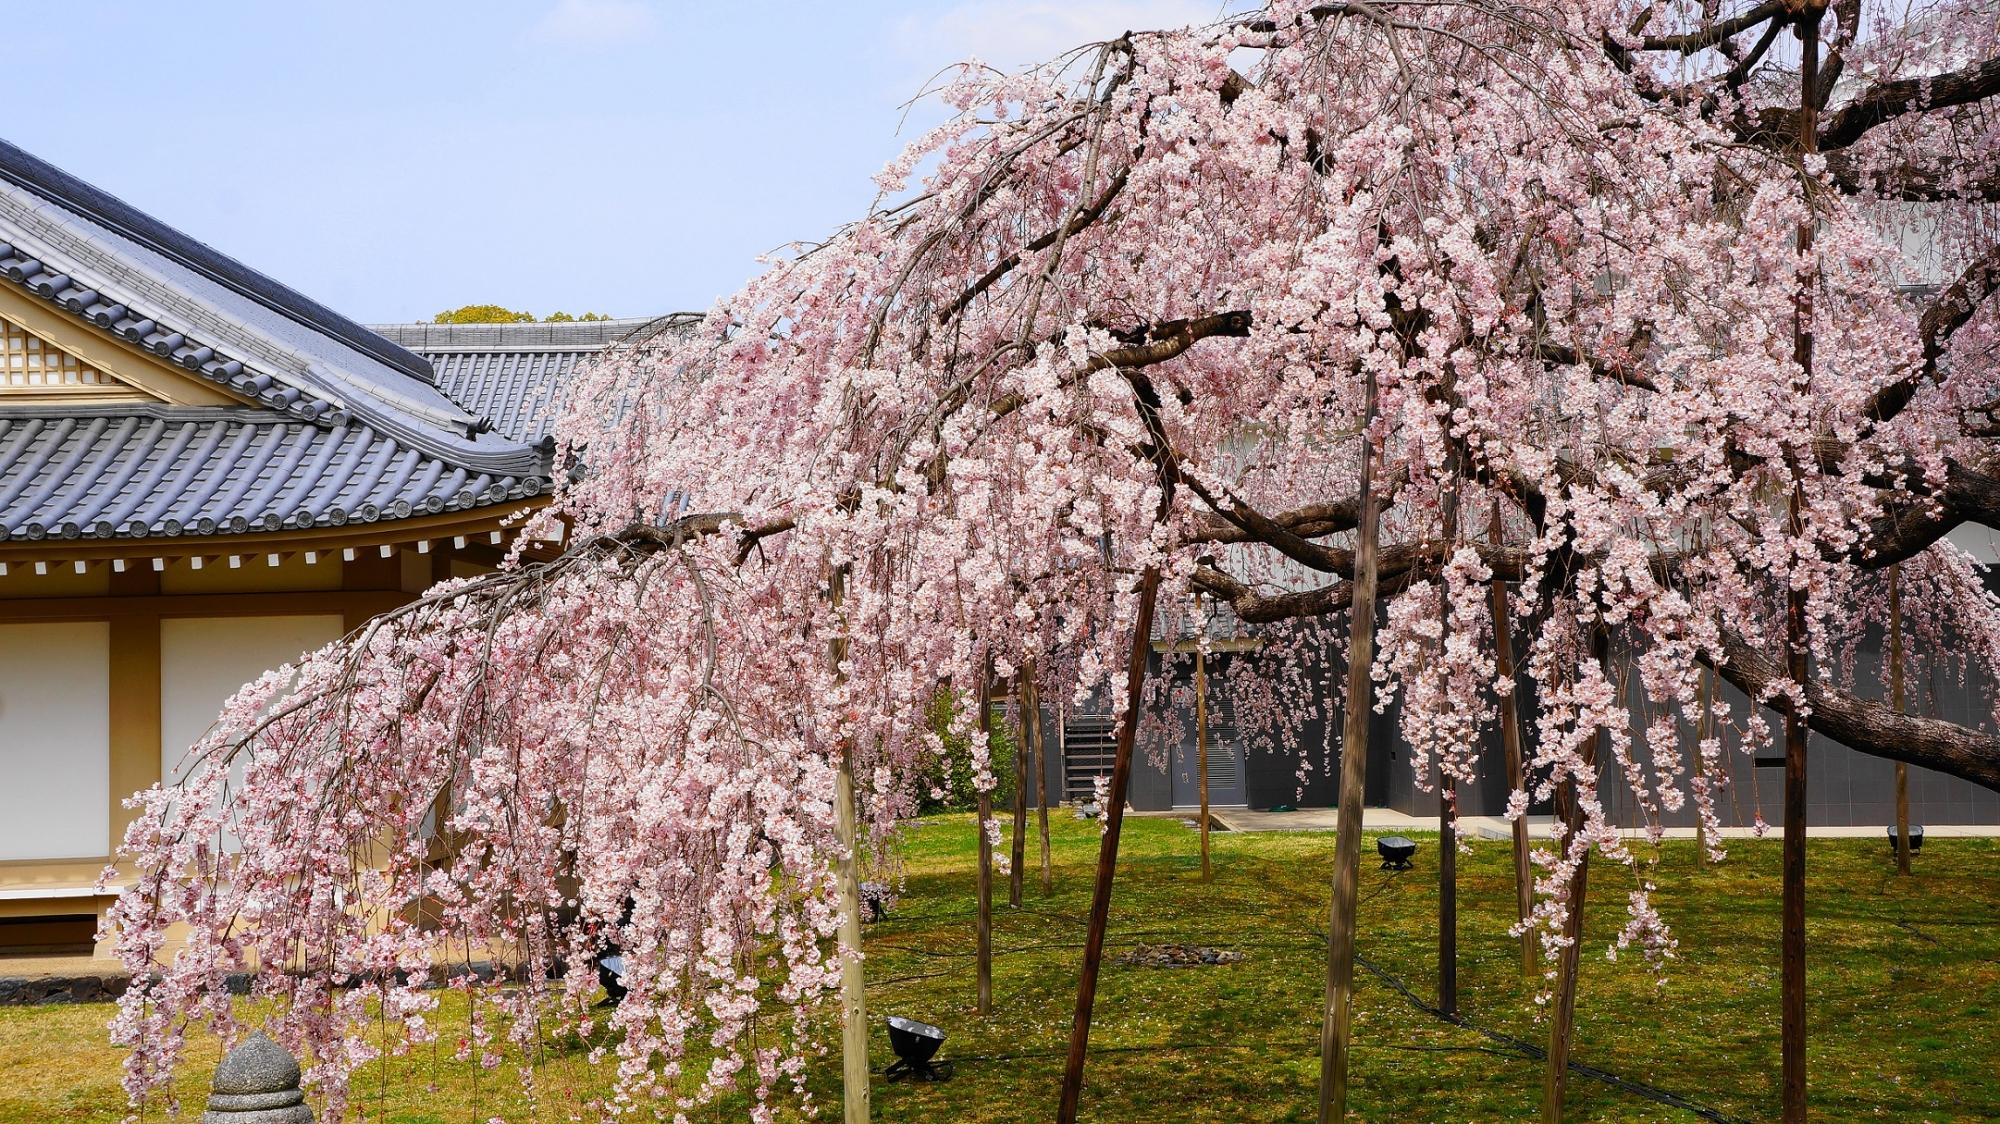 だいごみゆき桜 満開 霊宝館 醍醐寺 春